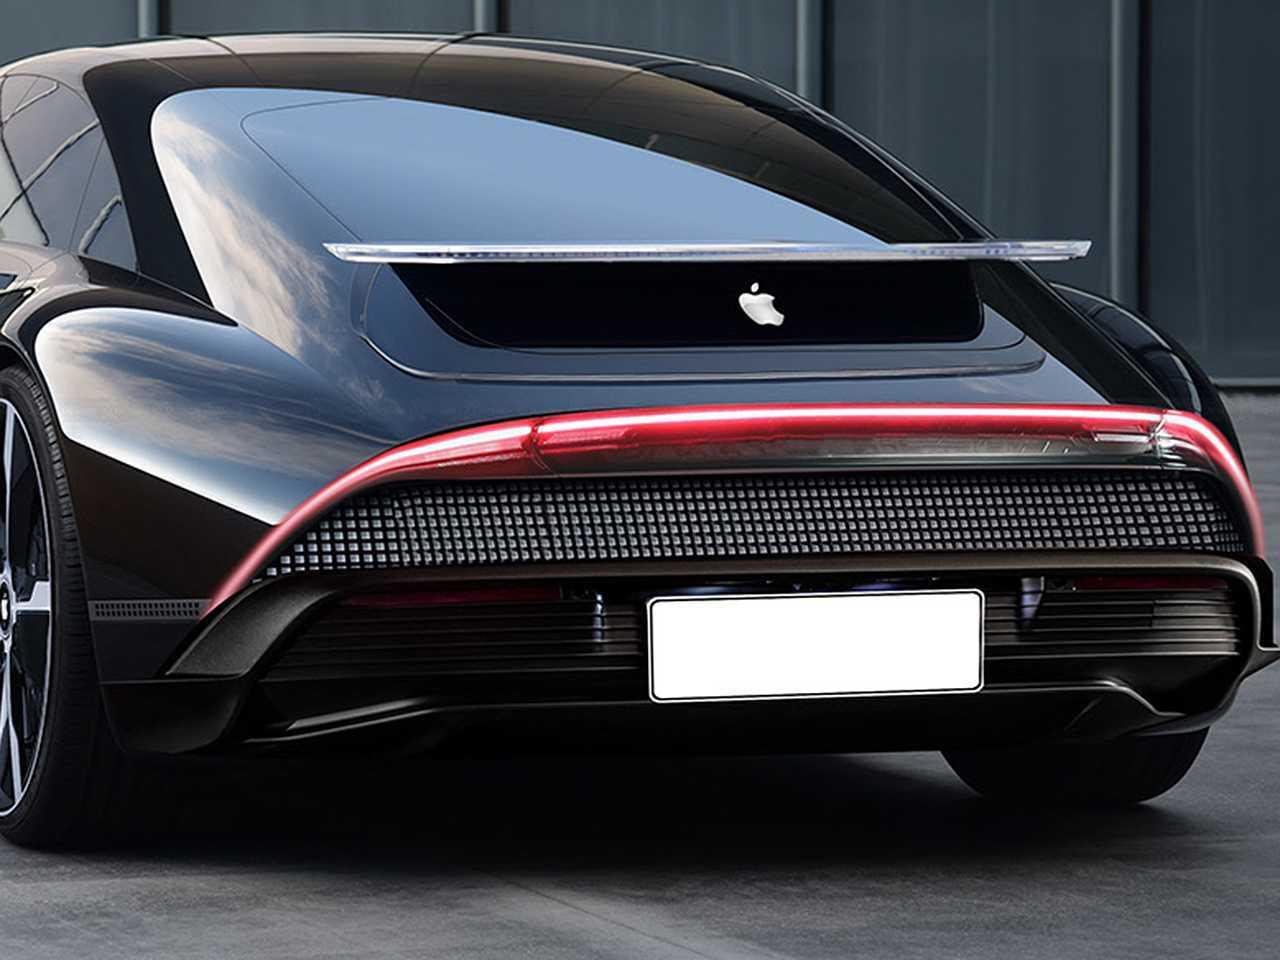 Projeção de Kleber Silva para um carro elétrico da Apple tomando como base conceito recente da Hyundai